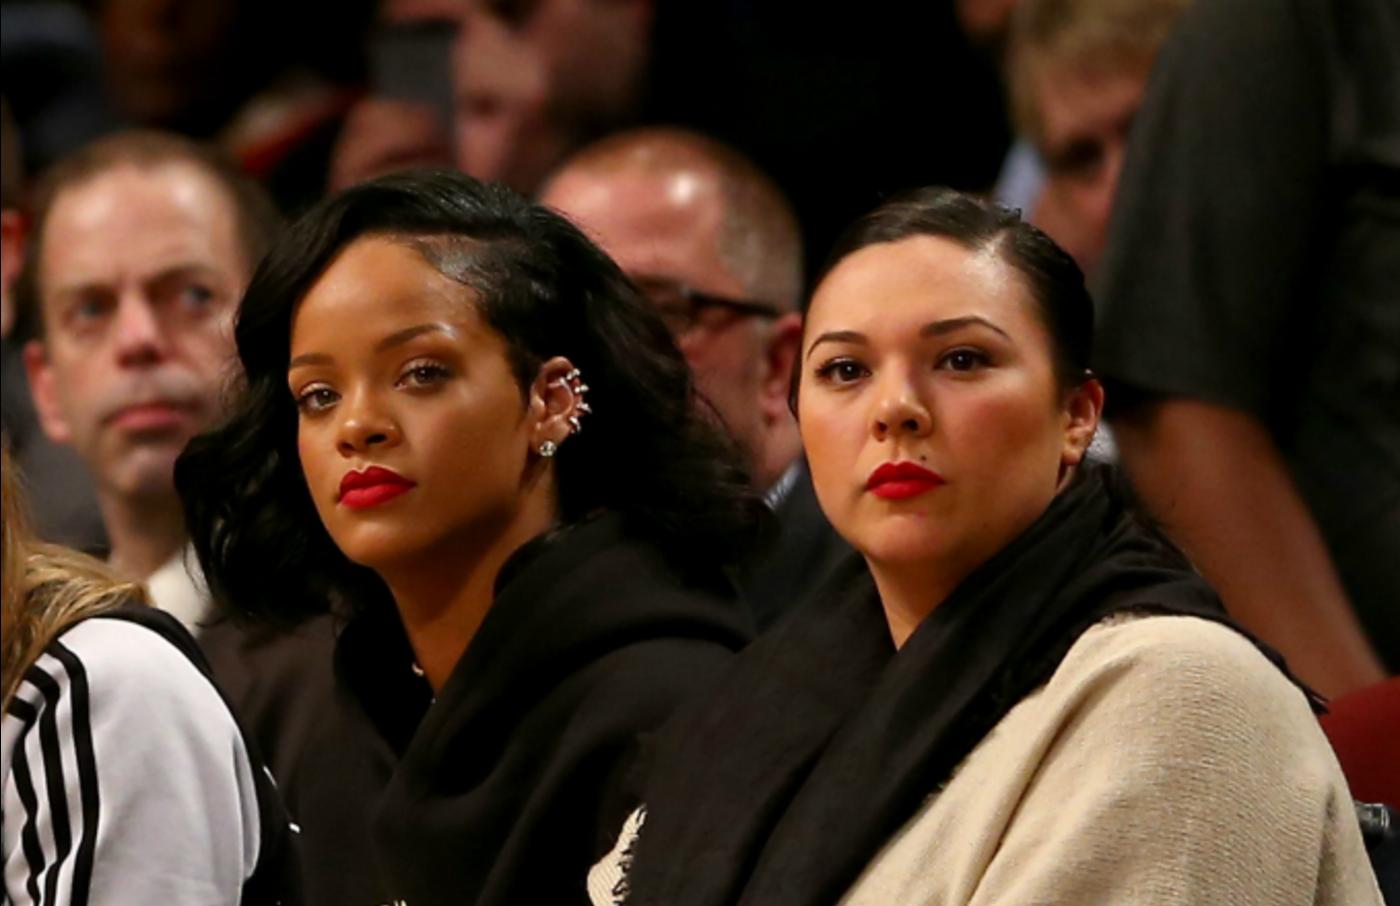 Rihanna and Jennifer Rosales attend NBA game